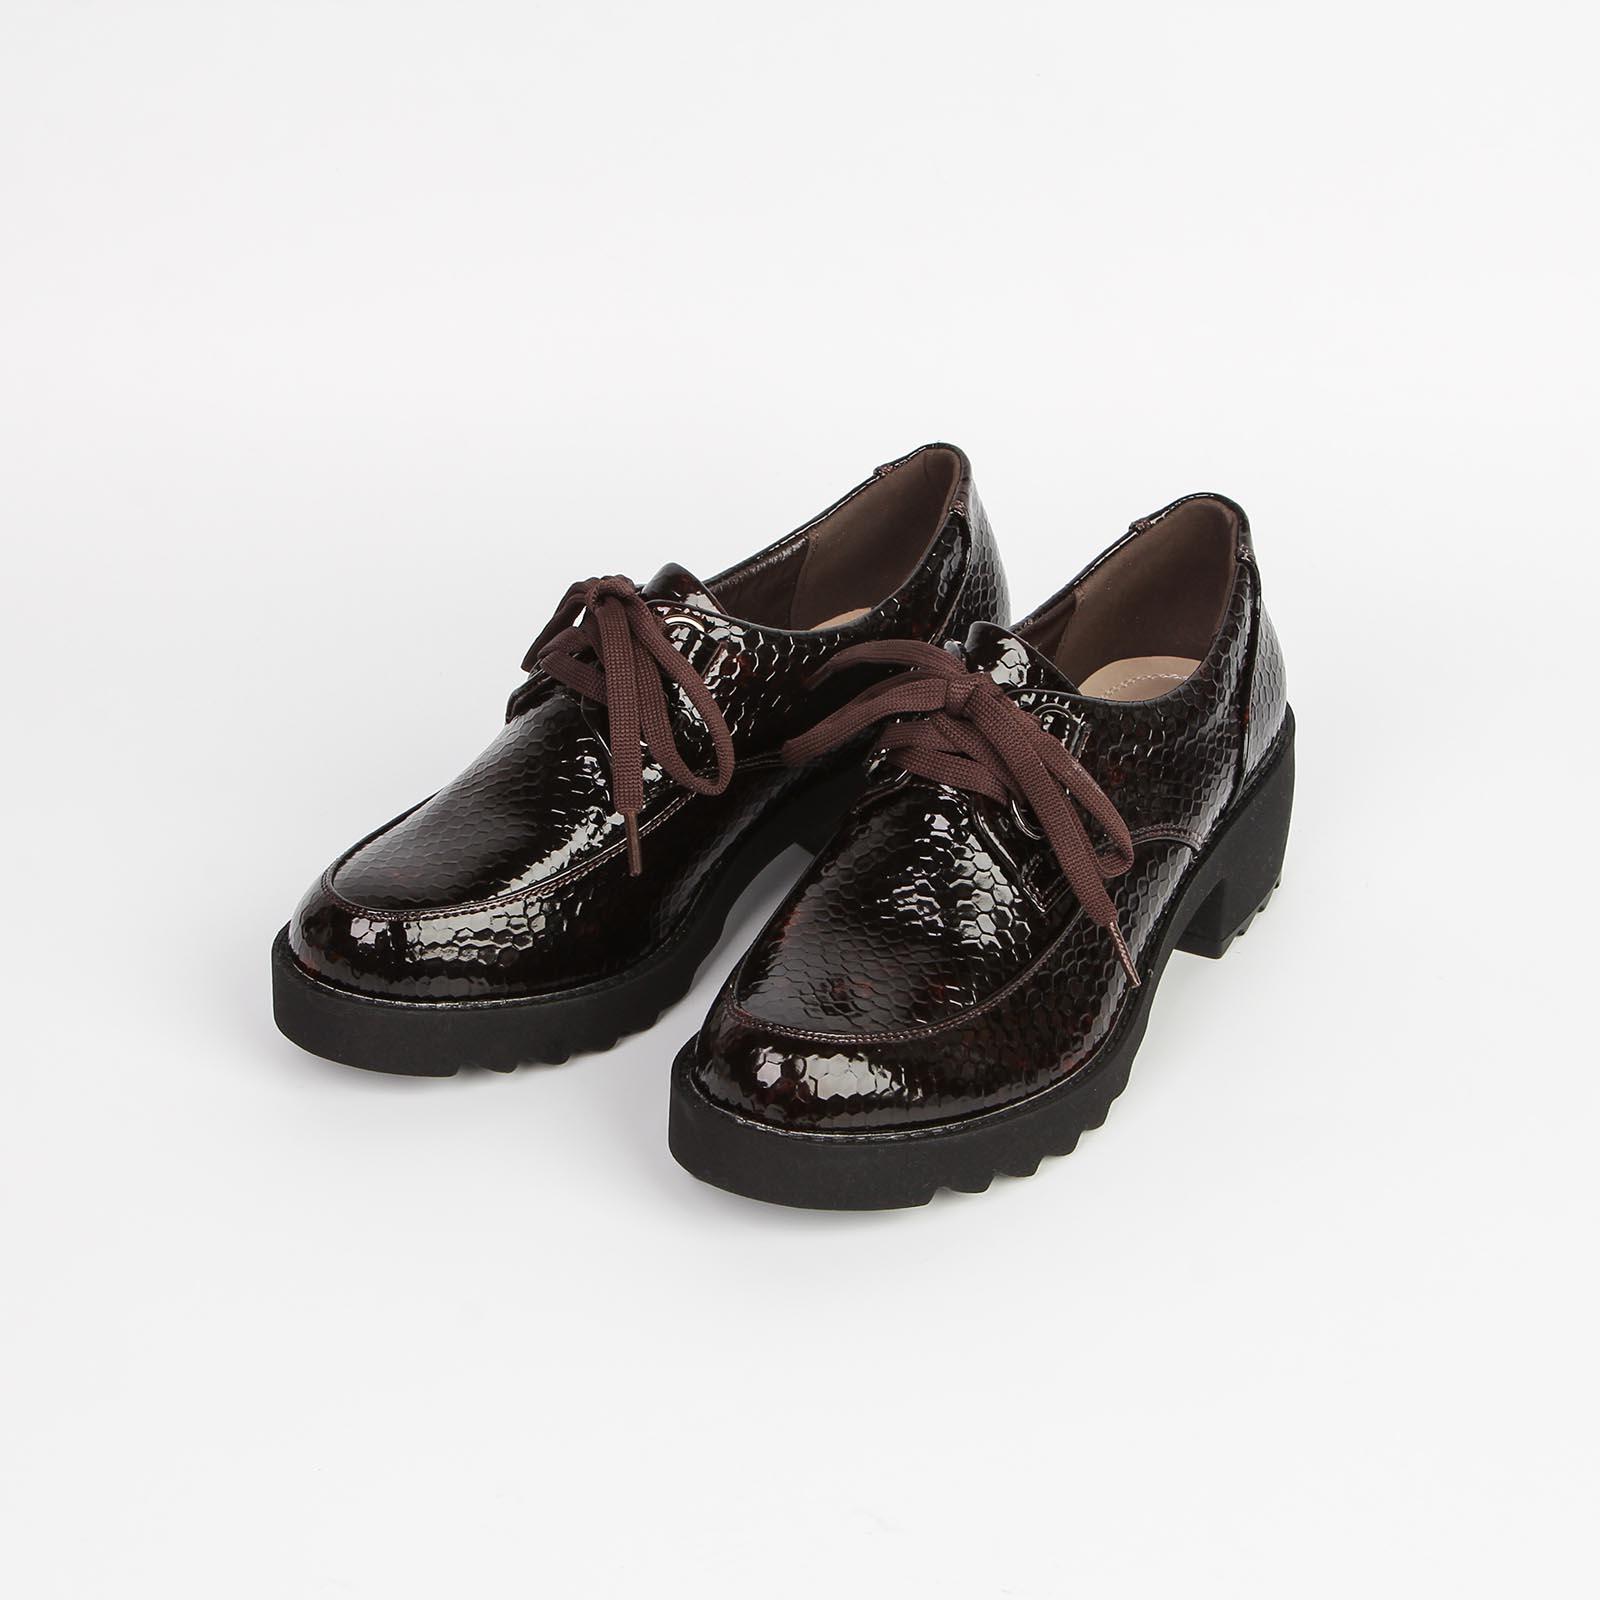 Ботинки женские на шнурках лакированные